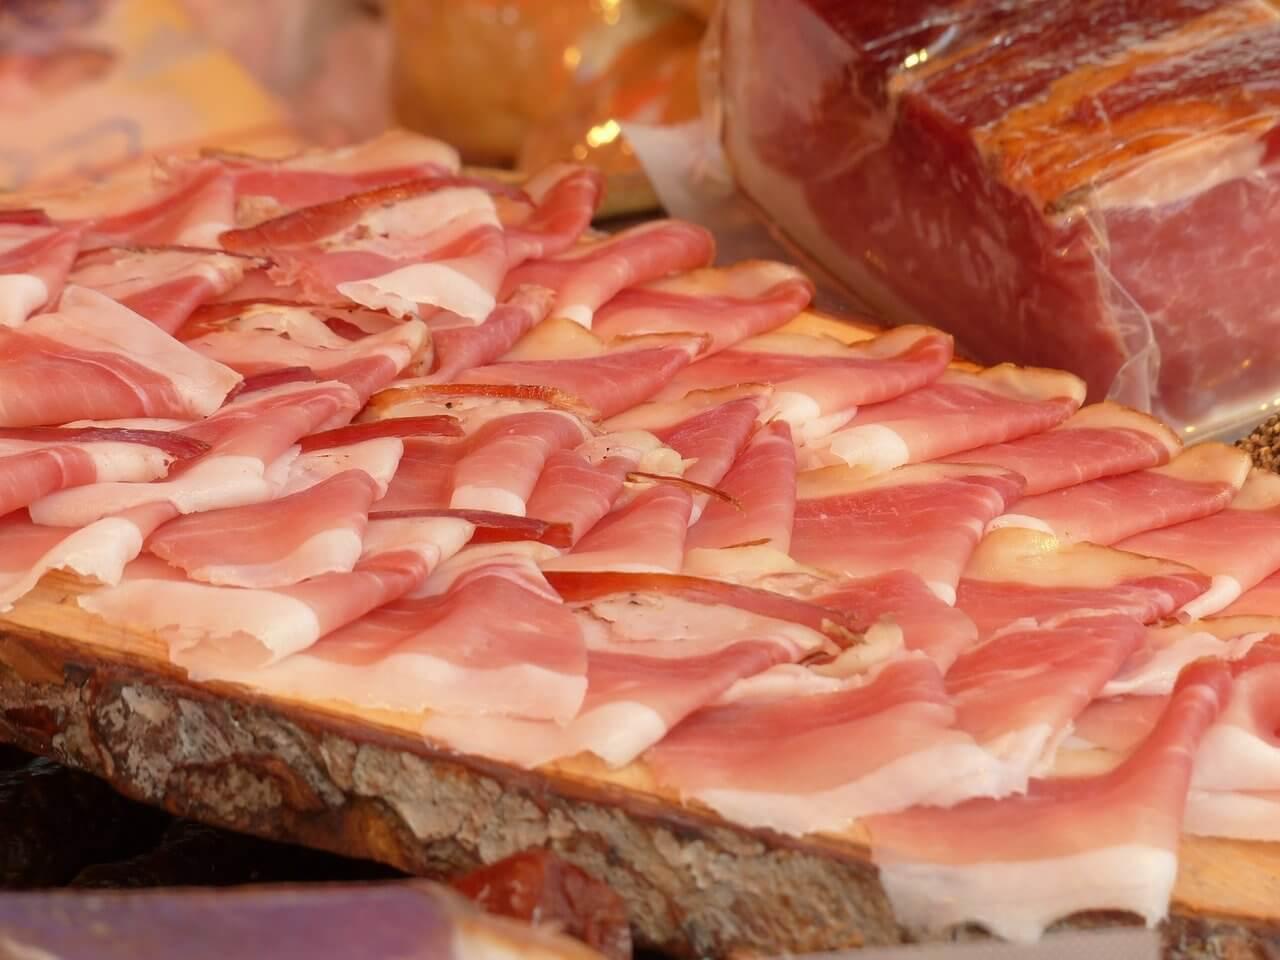 farmers' market meat sales